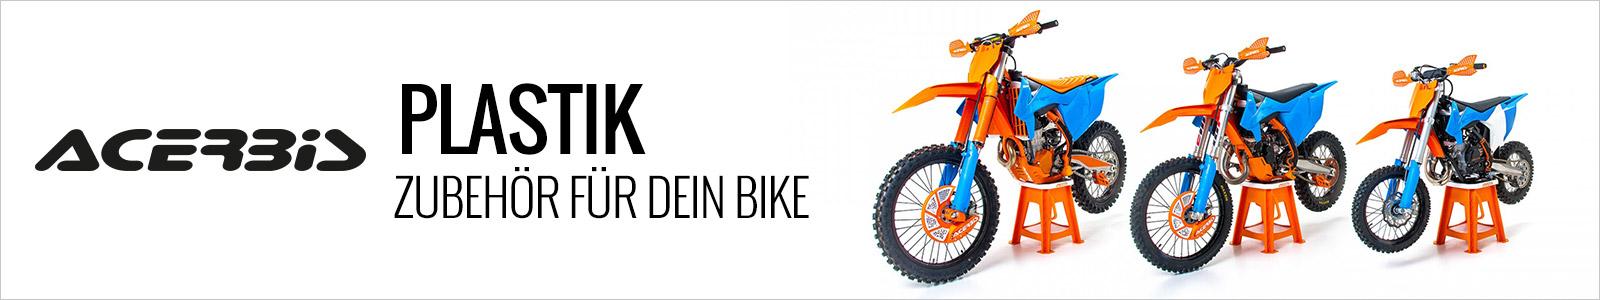 Acerbis Plastik-Zubehör für dein Bike